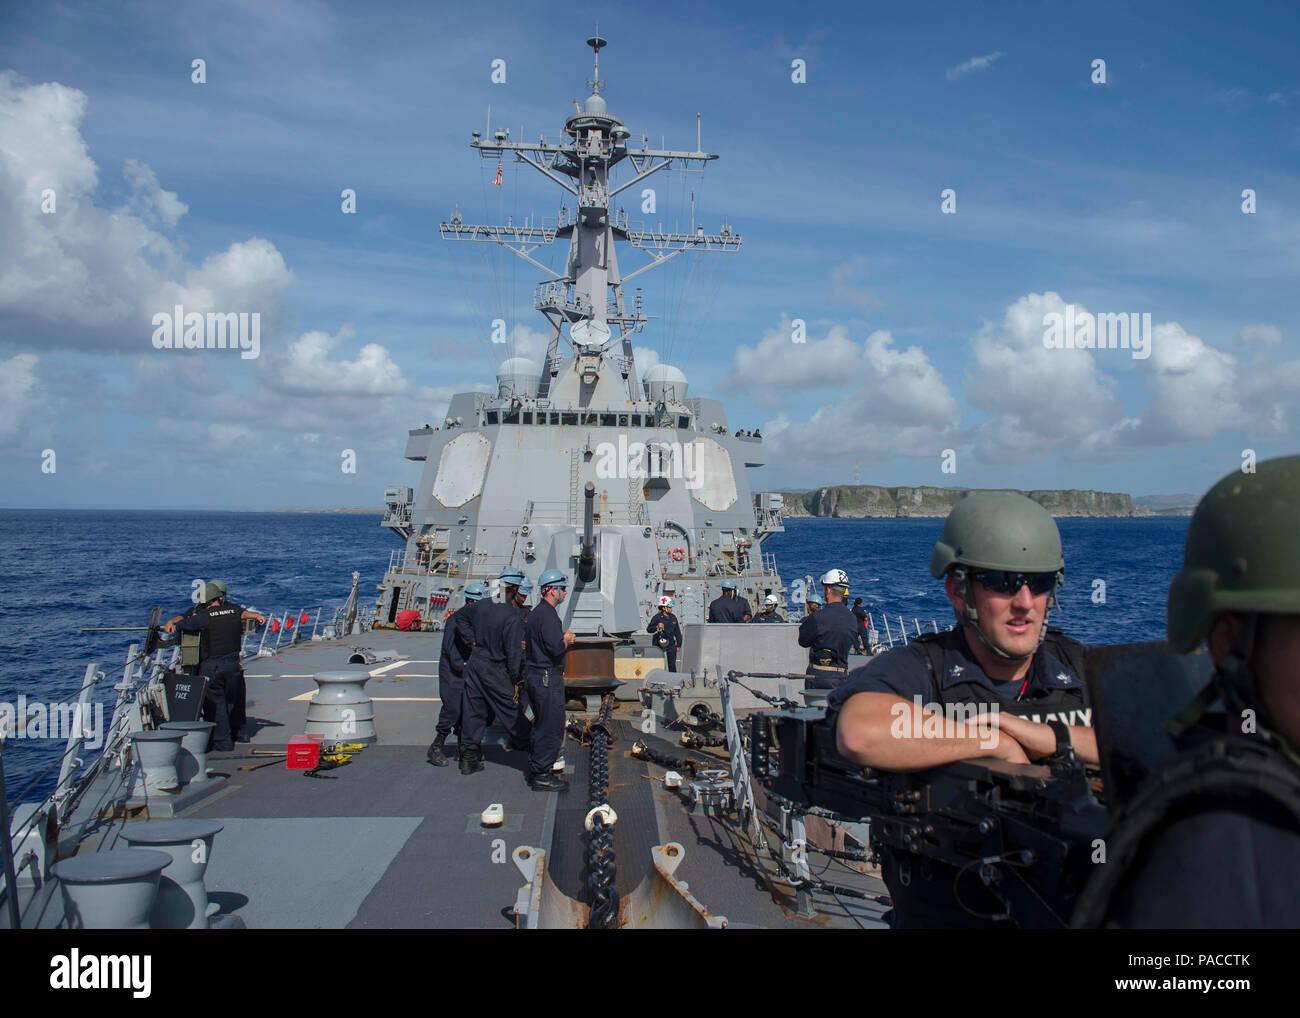 Las aguas cerca de Guam (14 de marzo de 2016) Los misiles guiados Burke-Class Arleigh destructor USS McCampbell (DDG 85) sale de Guam. McCampbell es en patrullas de la séptima Flota de la zona de operaciones en apoyo de la seguridad y la estabilidad en la Indo-Asia-Pacífico. (Ee.Uu. Navy photo by Mass Communication Specialist 2nd Class Bryan Jackson/liberado) Foto de stock